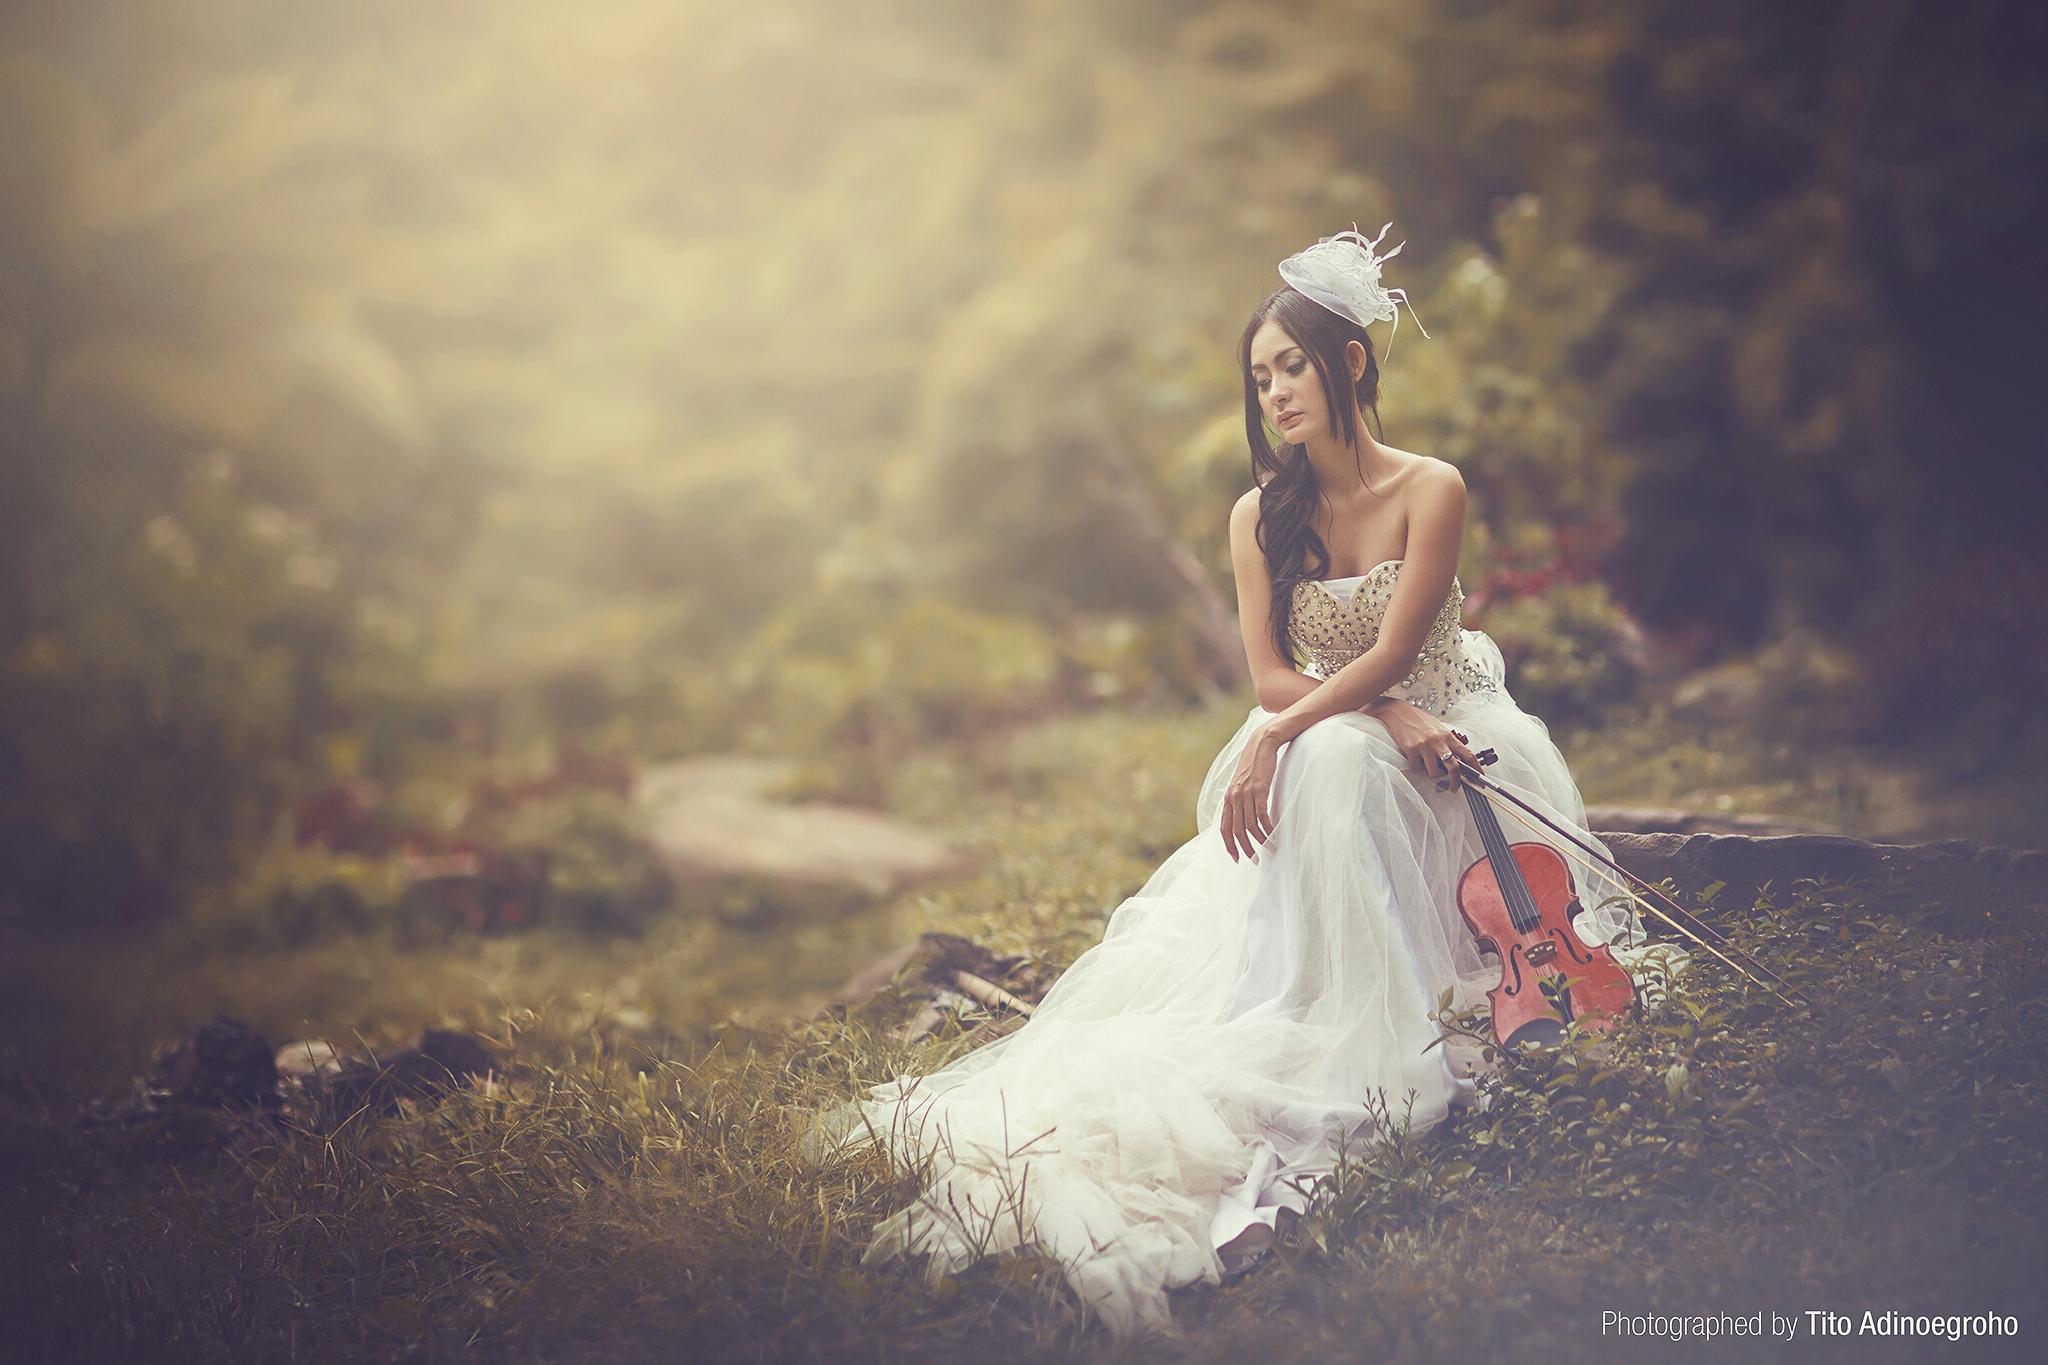 Lonely  by Tito Adinoegroho